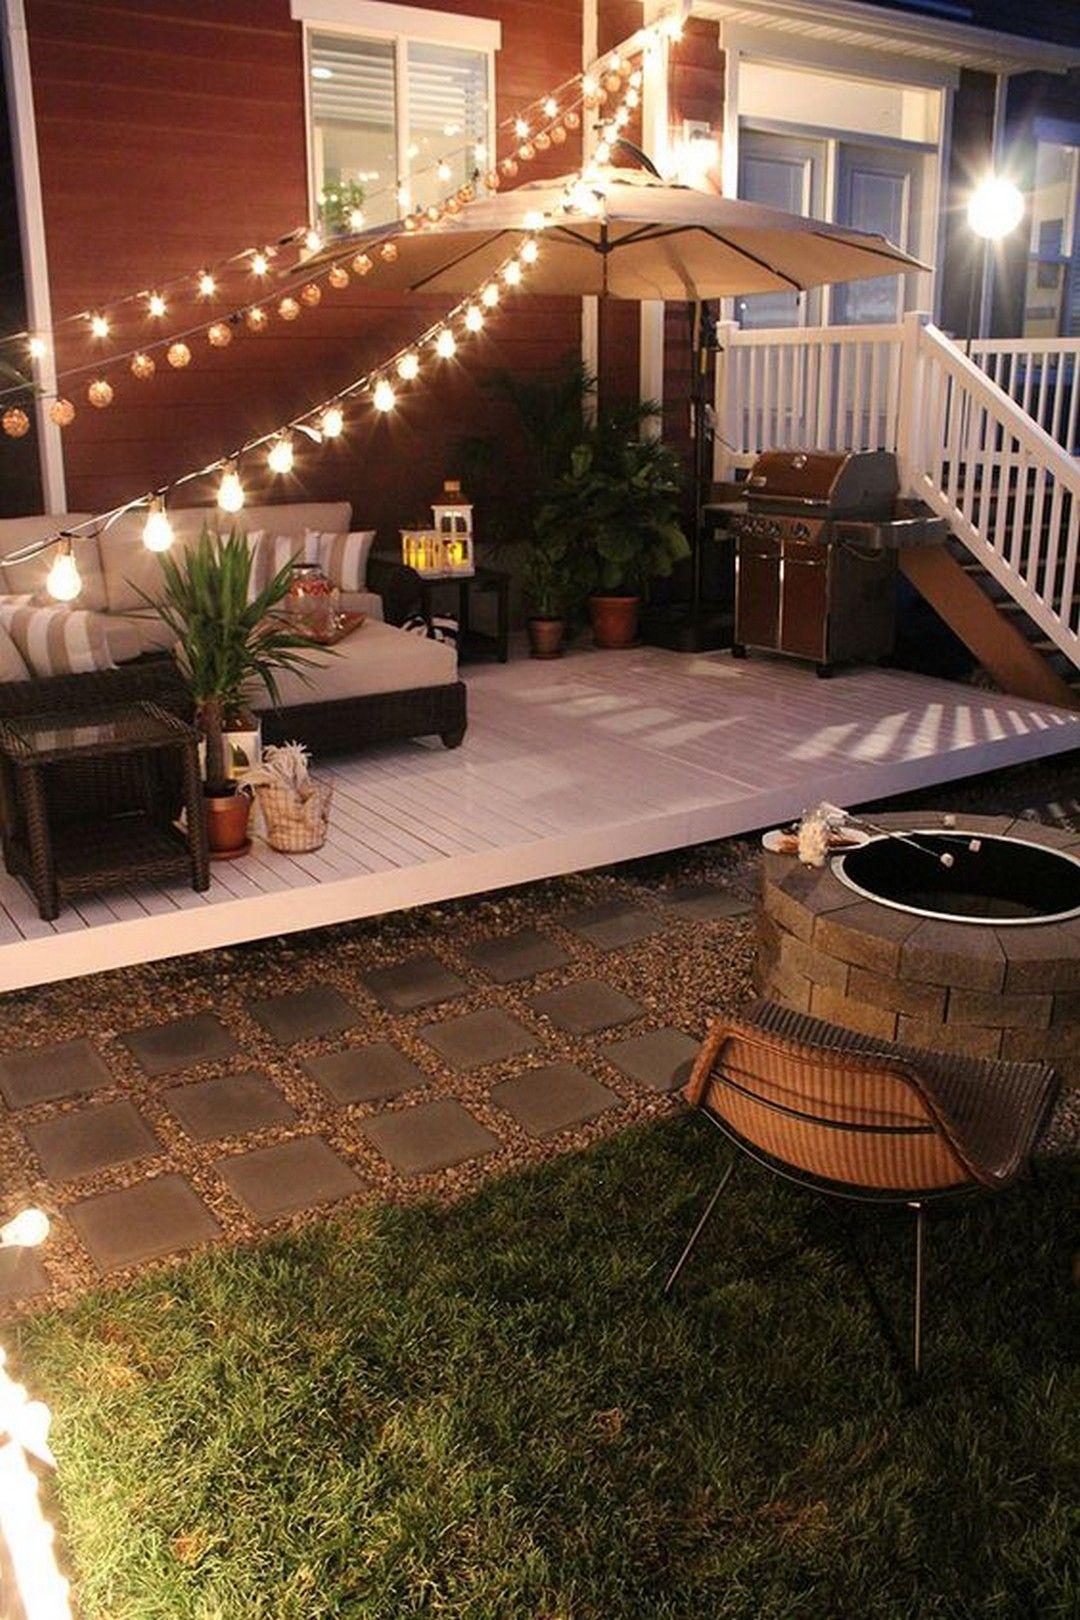 99+ fantastic diy backyard ideas on a budget | diy backyard ideas ... - Diy Patio Ideas On A Budget